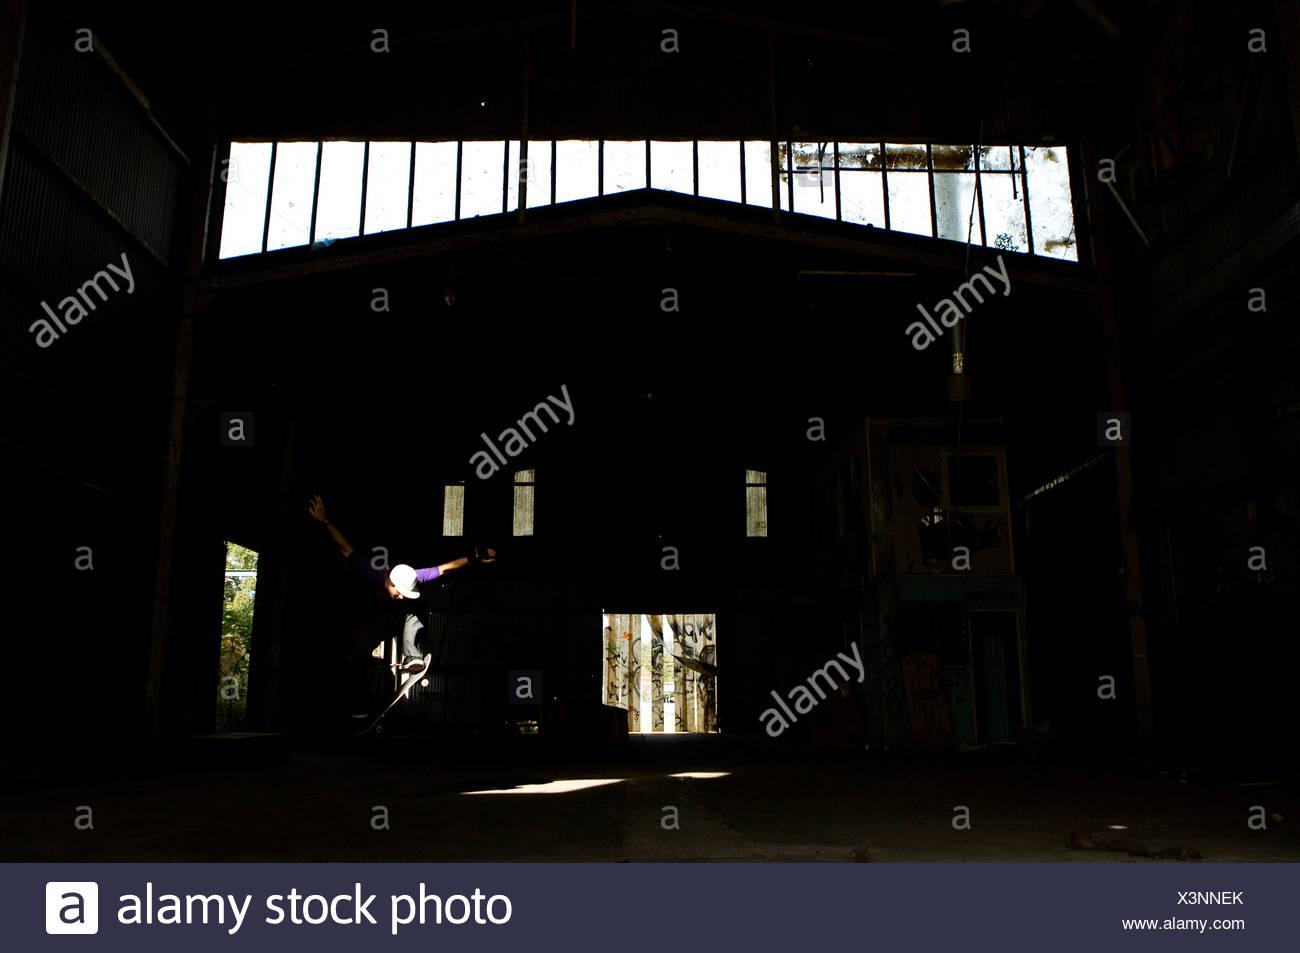 Un skater ollies dans un entrepôt abandonné sur la côte centrale, New South Wales, Australie. Photo Stock